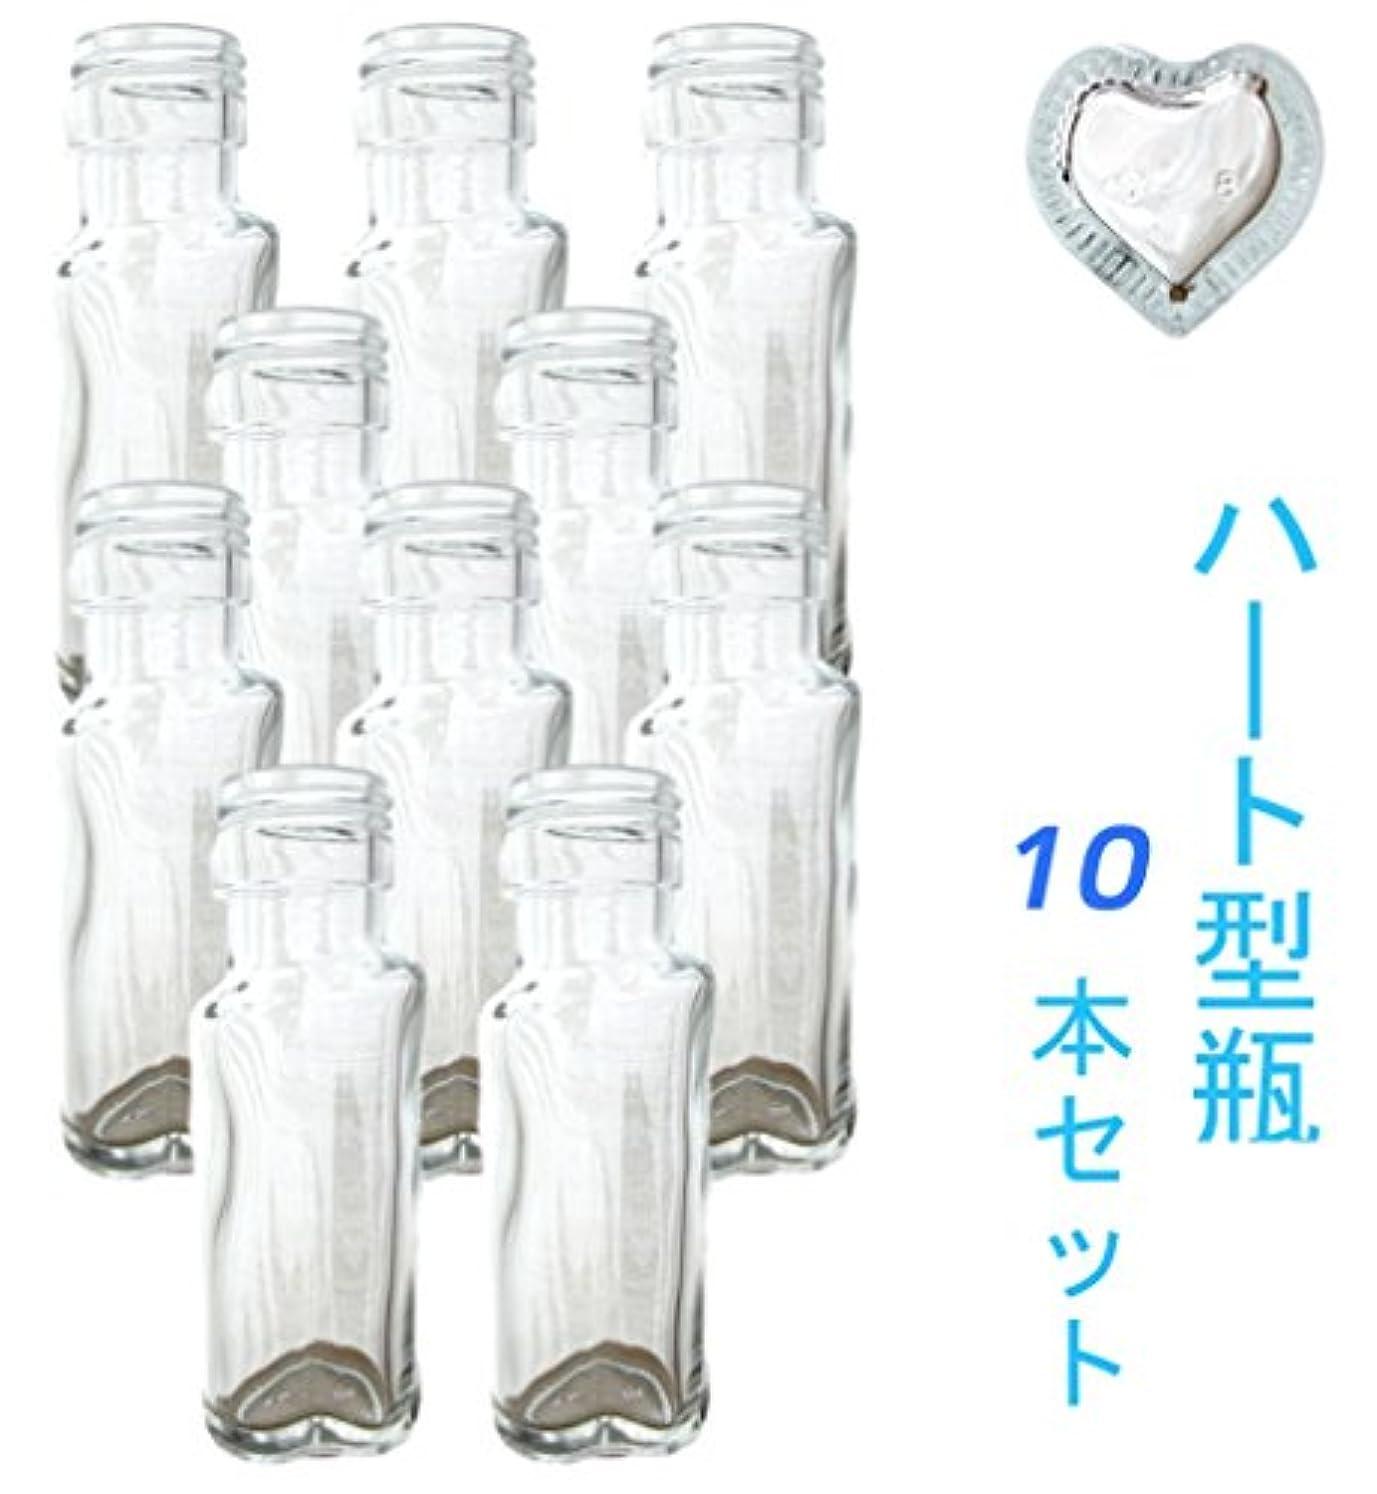 対応するびっくりした舗装する(ジャストユーズ)JustU's 日本製 ポリ栓 中栓付きハート型ガラス瓶 10本セット 50cc 50ml アロマデュフューザー ハーバリウム 調味料 オイル タレ ドレッシング瓶 B10-SSH50A-S